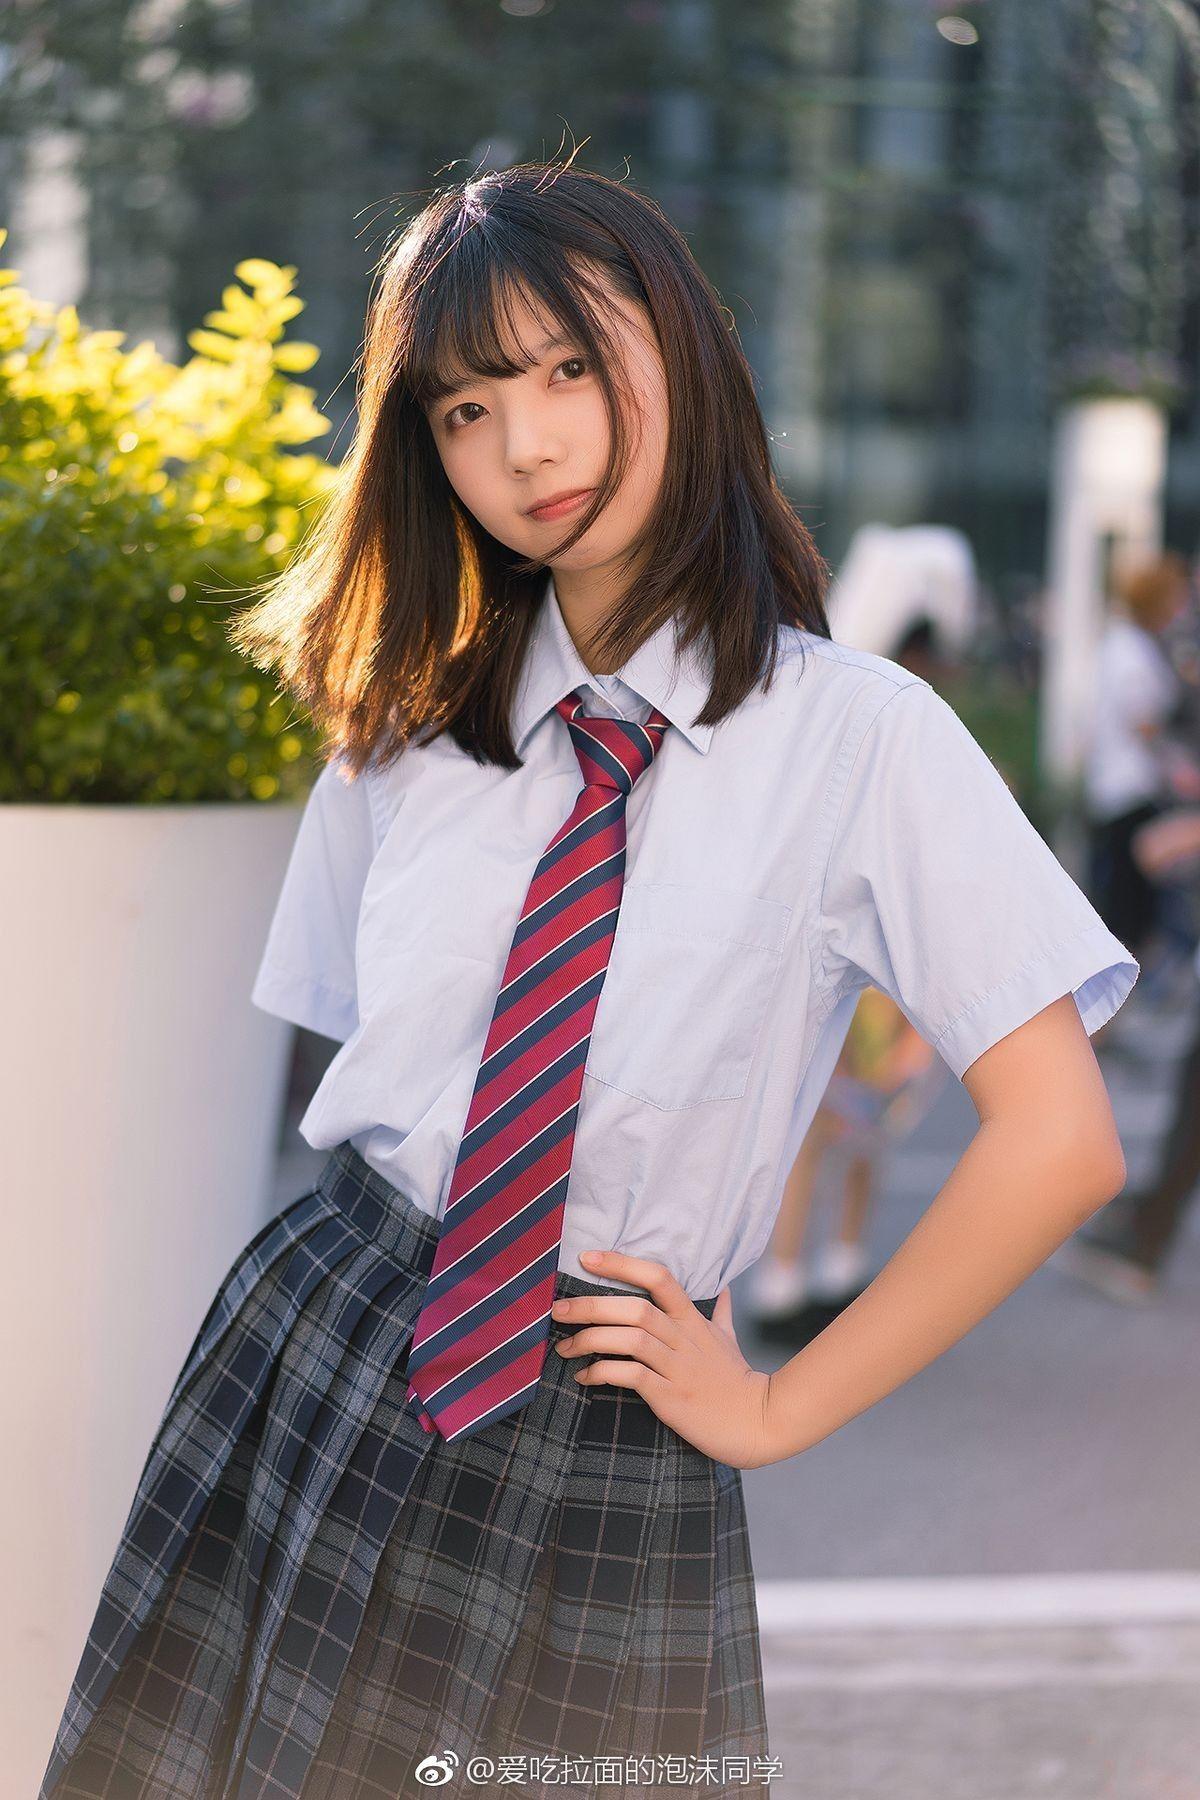 Apologise, com cute japanese teen girl consider